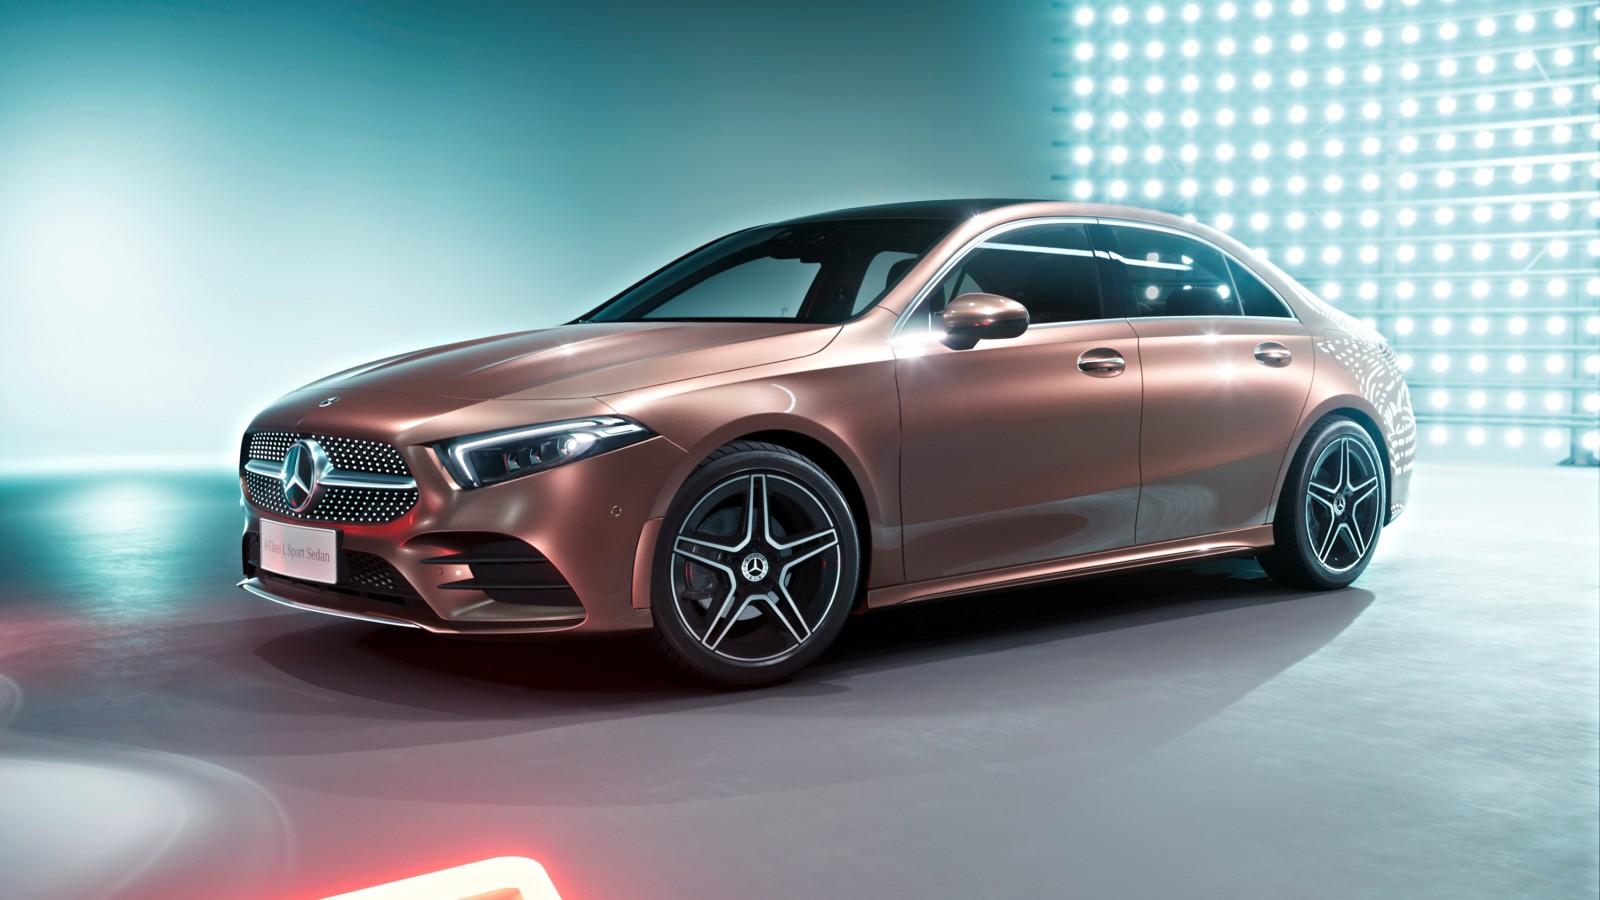 2019 Mercedes Benz A200 L Sport Sedan 4k 4 Wallpaper Hd